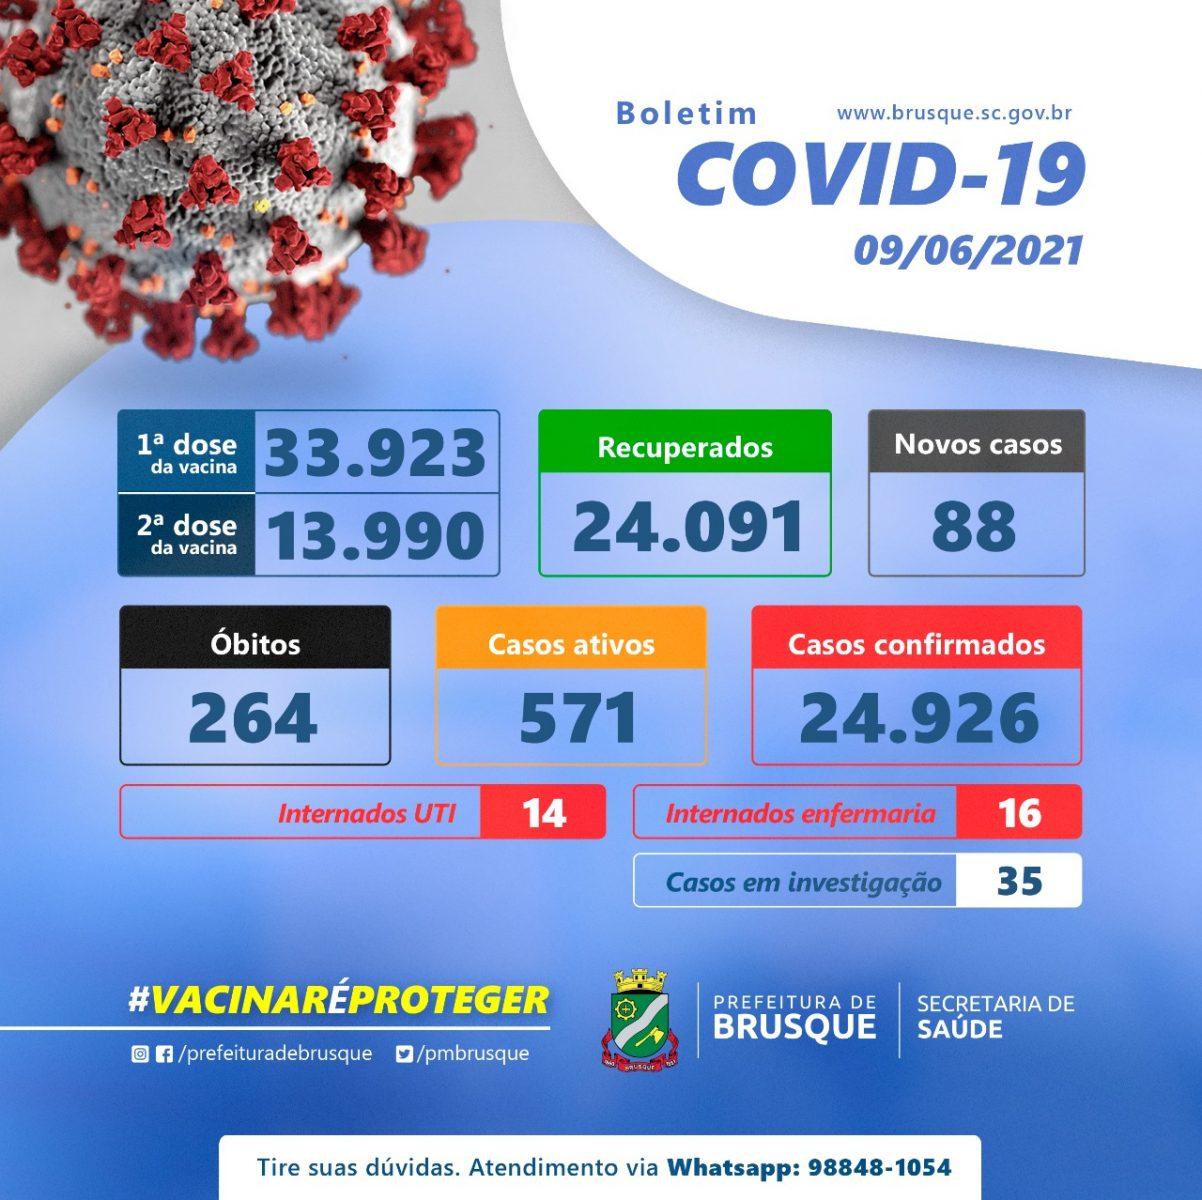 Covid-19: Confira o boletim epidemiológico desta quarta-feira (09)